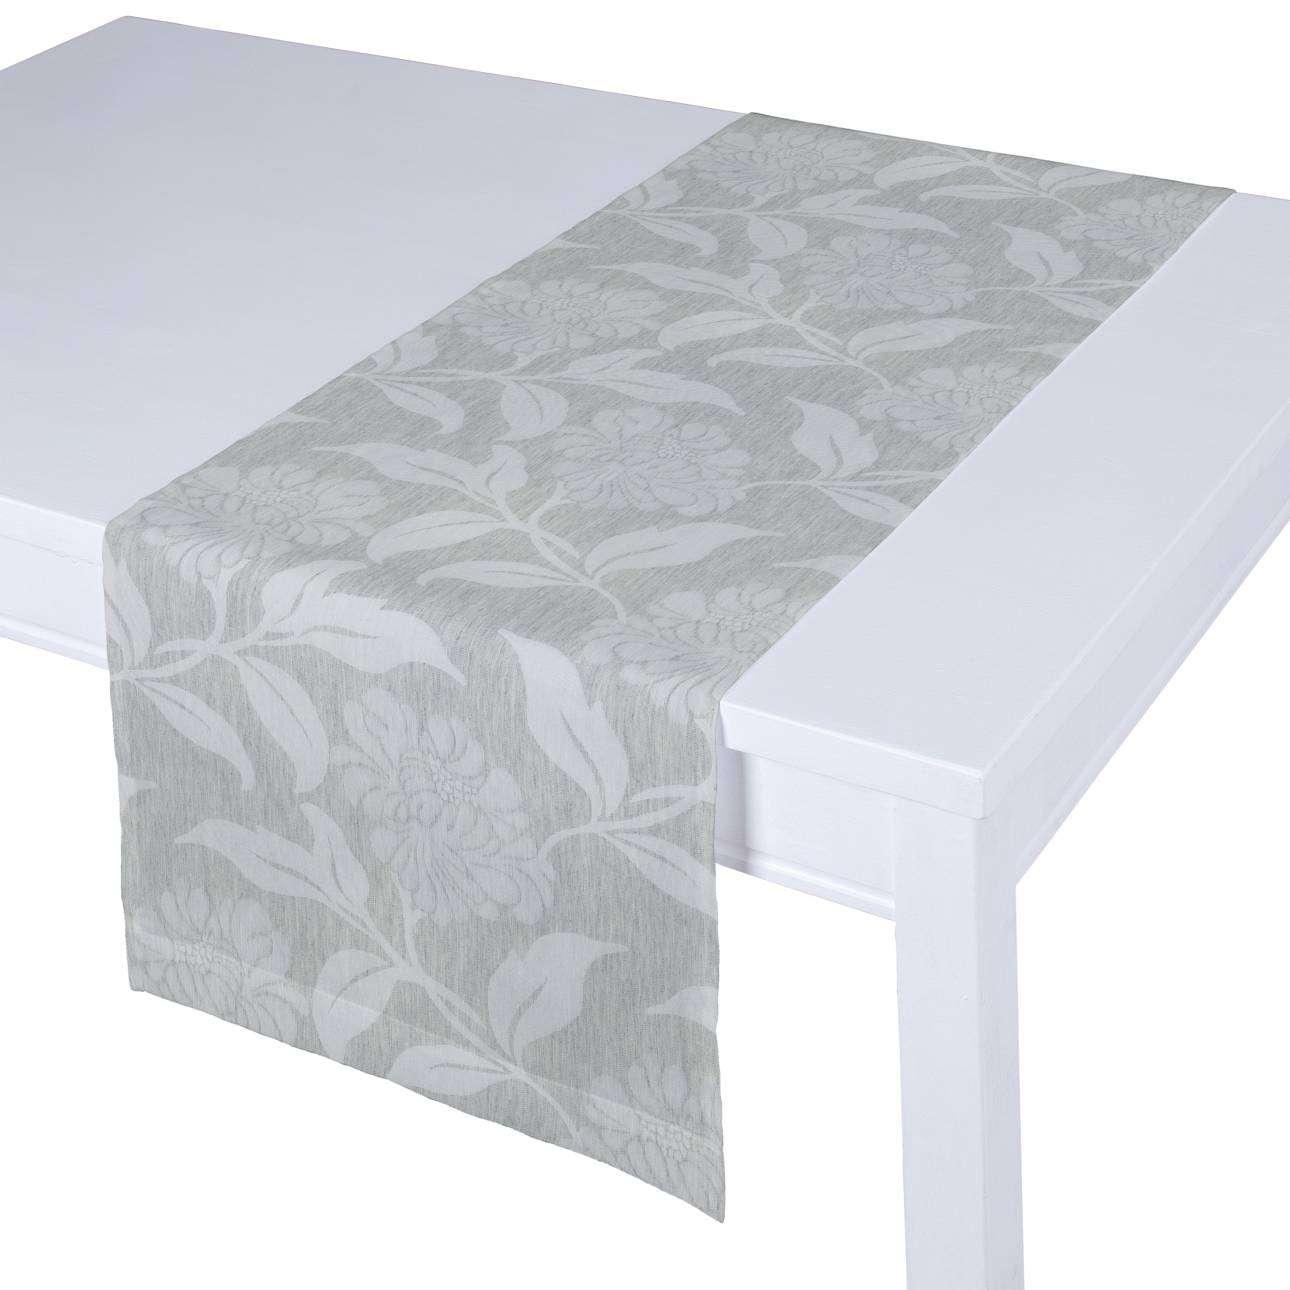 Rechteckiger Tischläufer 40 x 130 cm von der Kollektion Venice, Stoff: 140-51